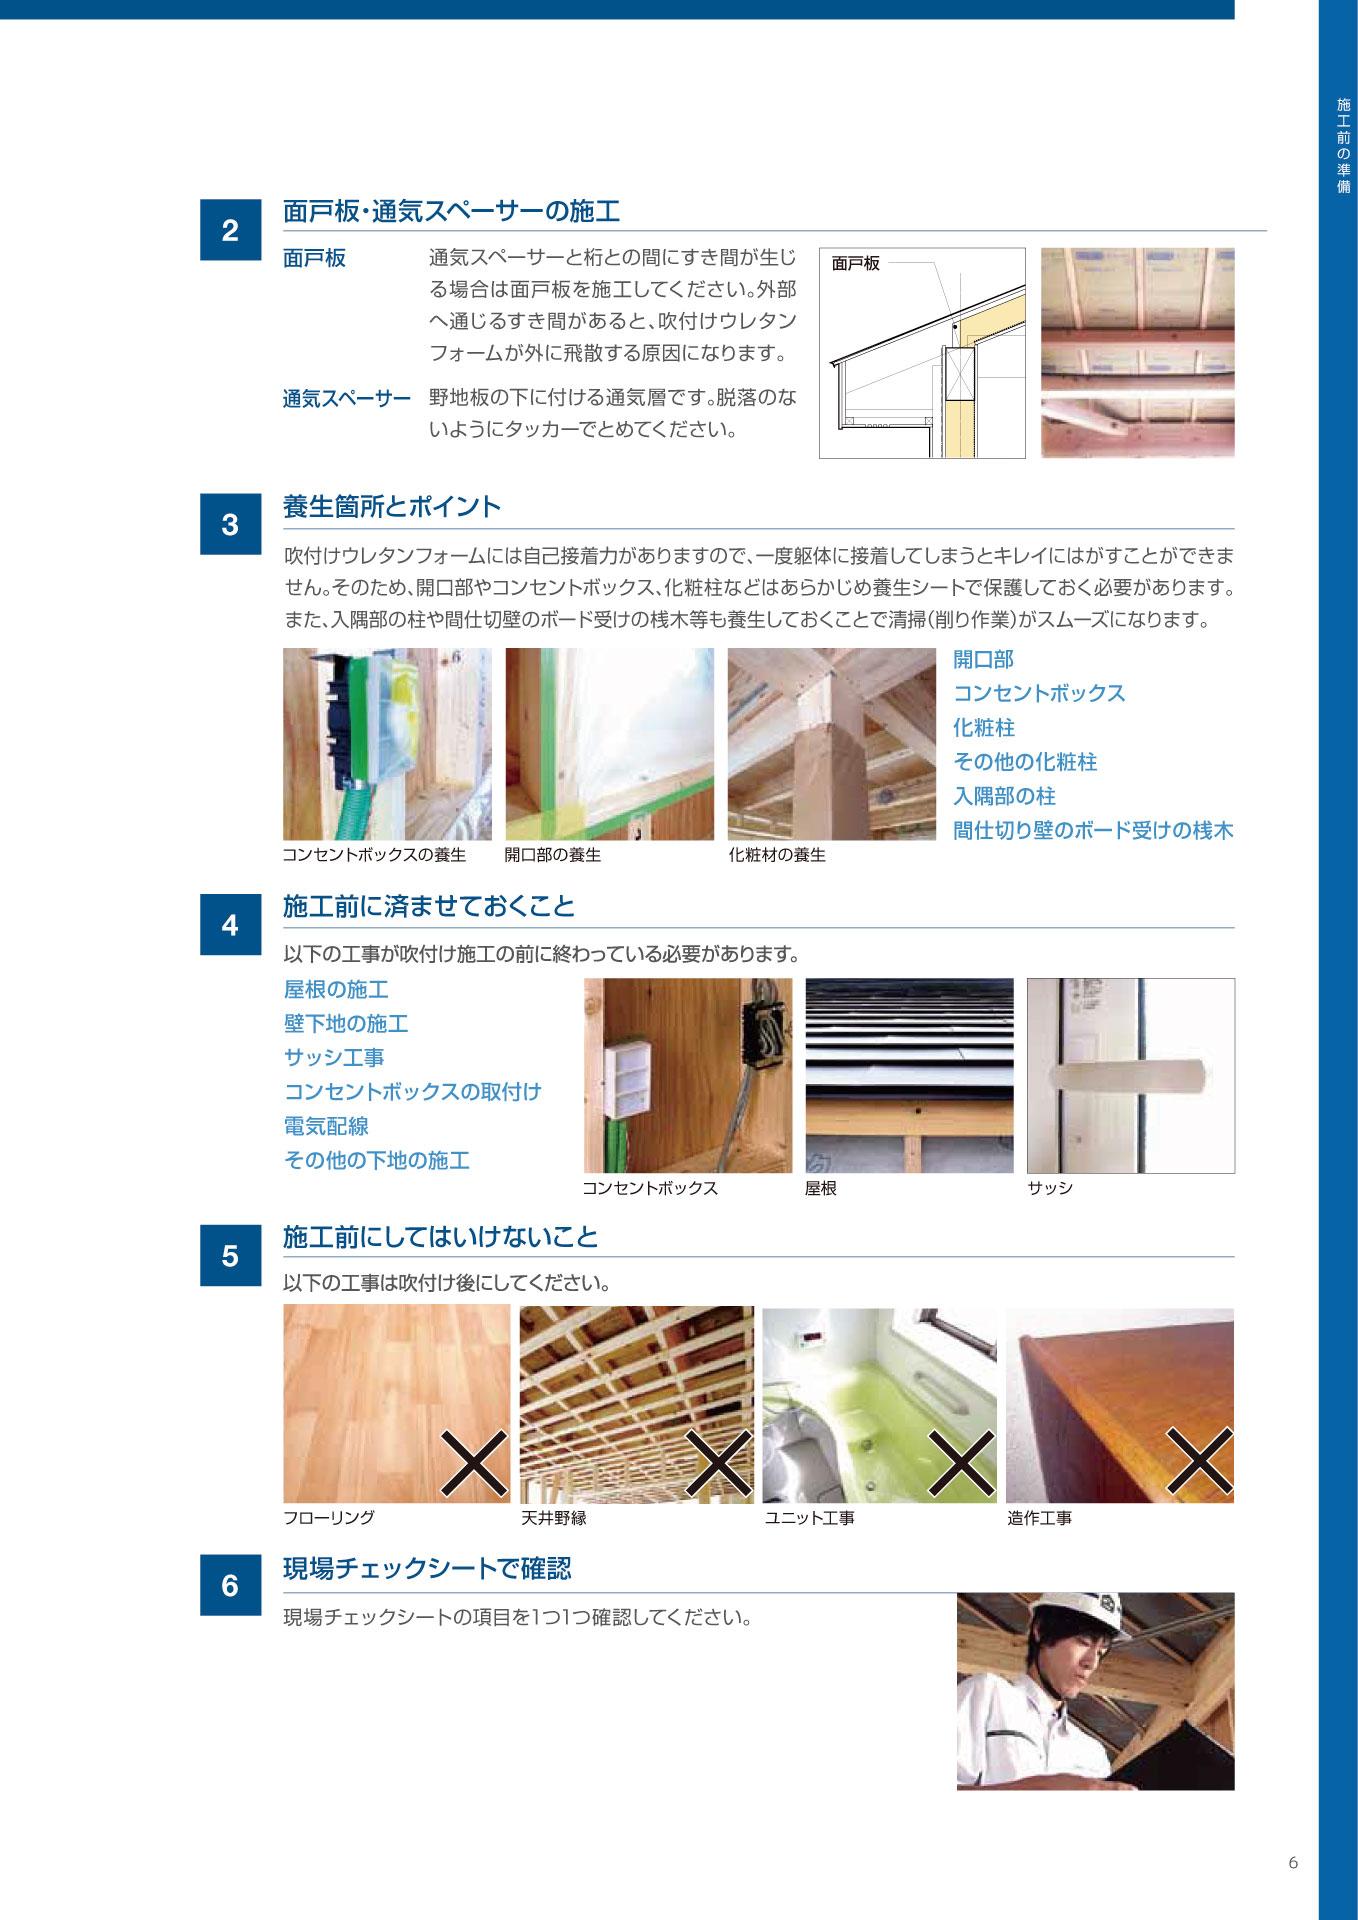 木造住宅用施工マニュアルP6